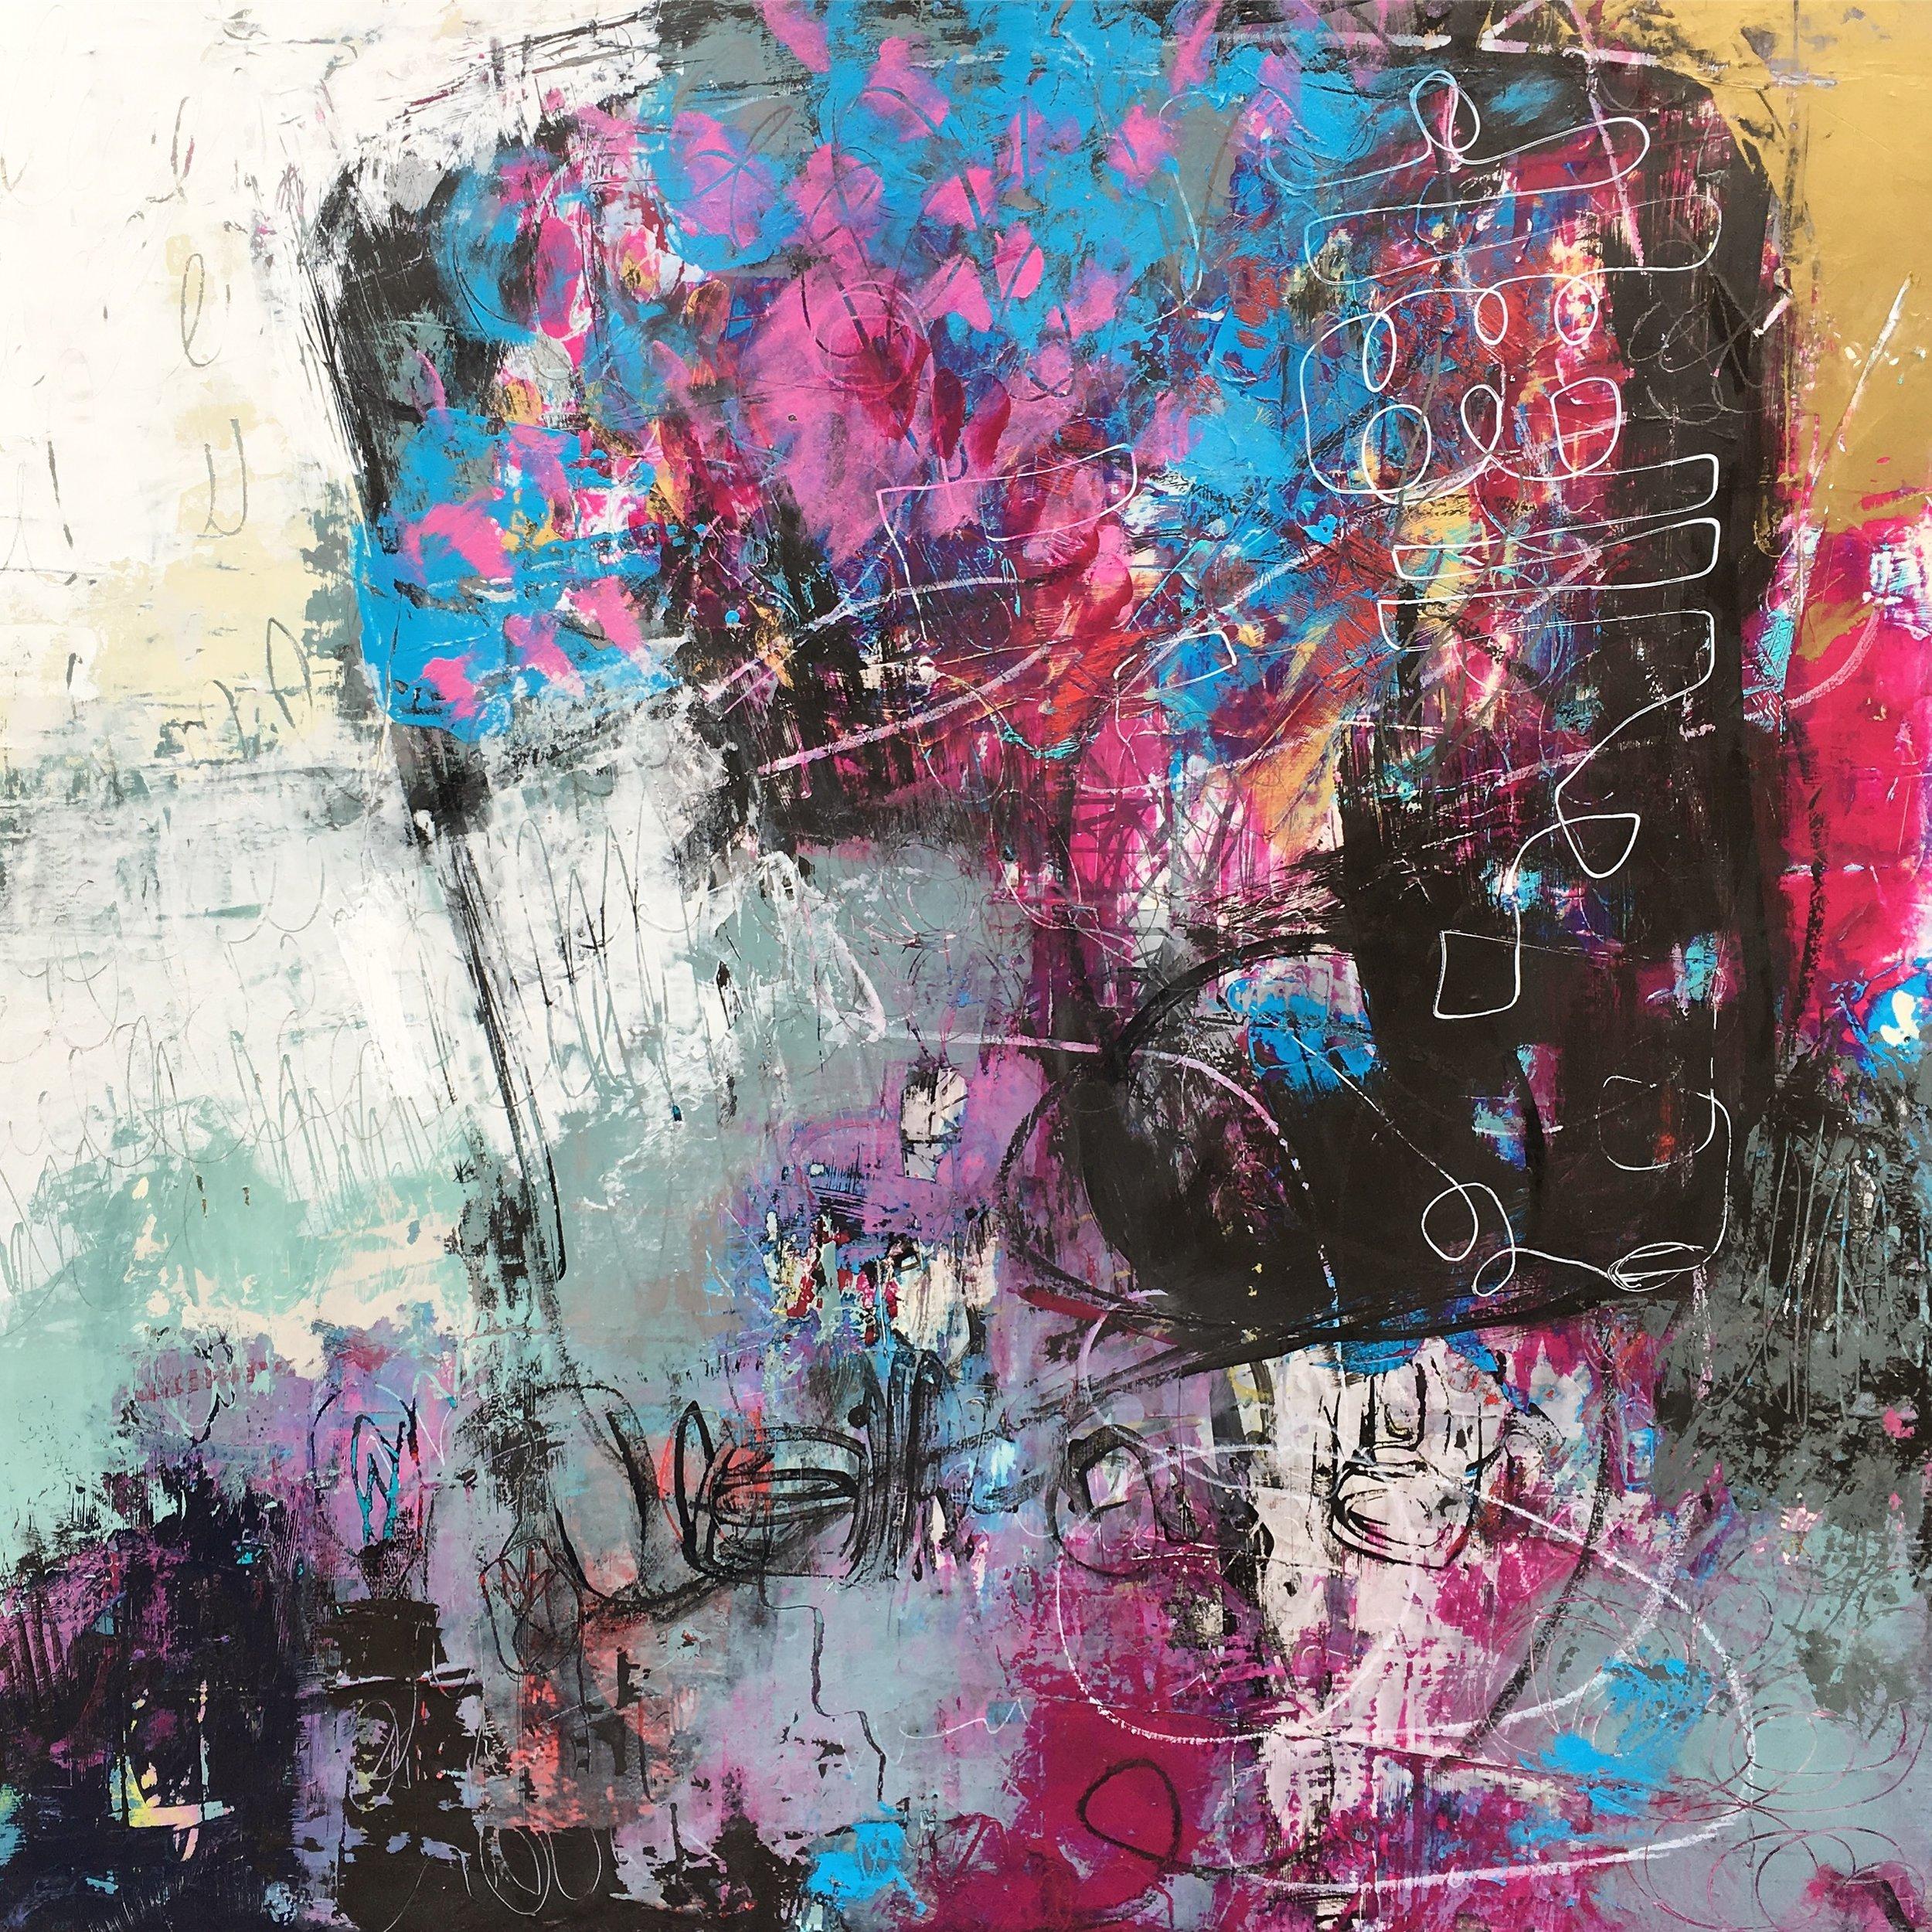 Acrylic & mixed media on canvas 20x20